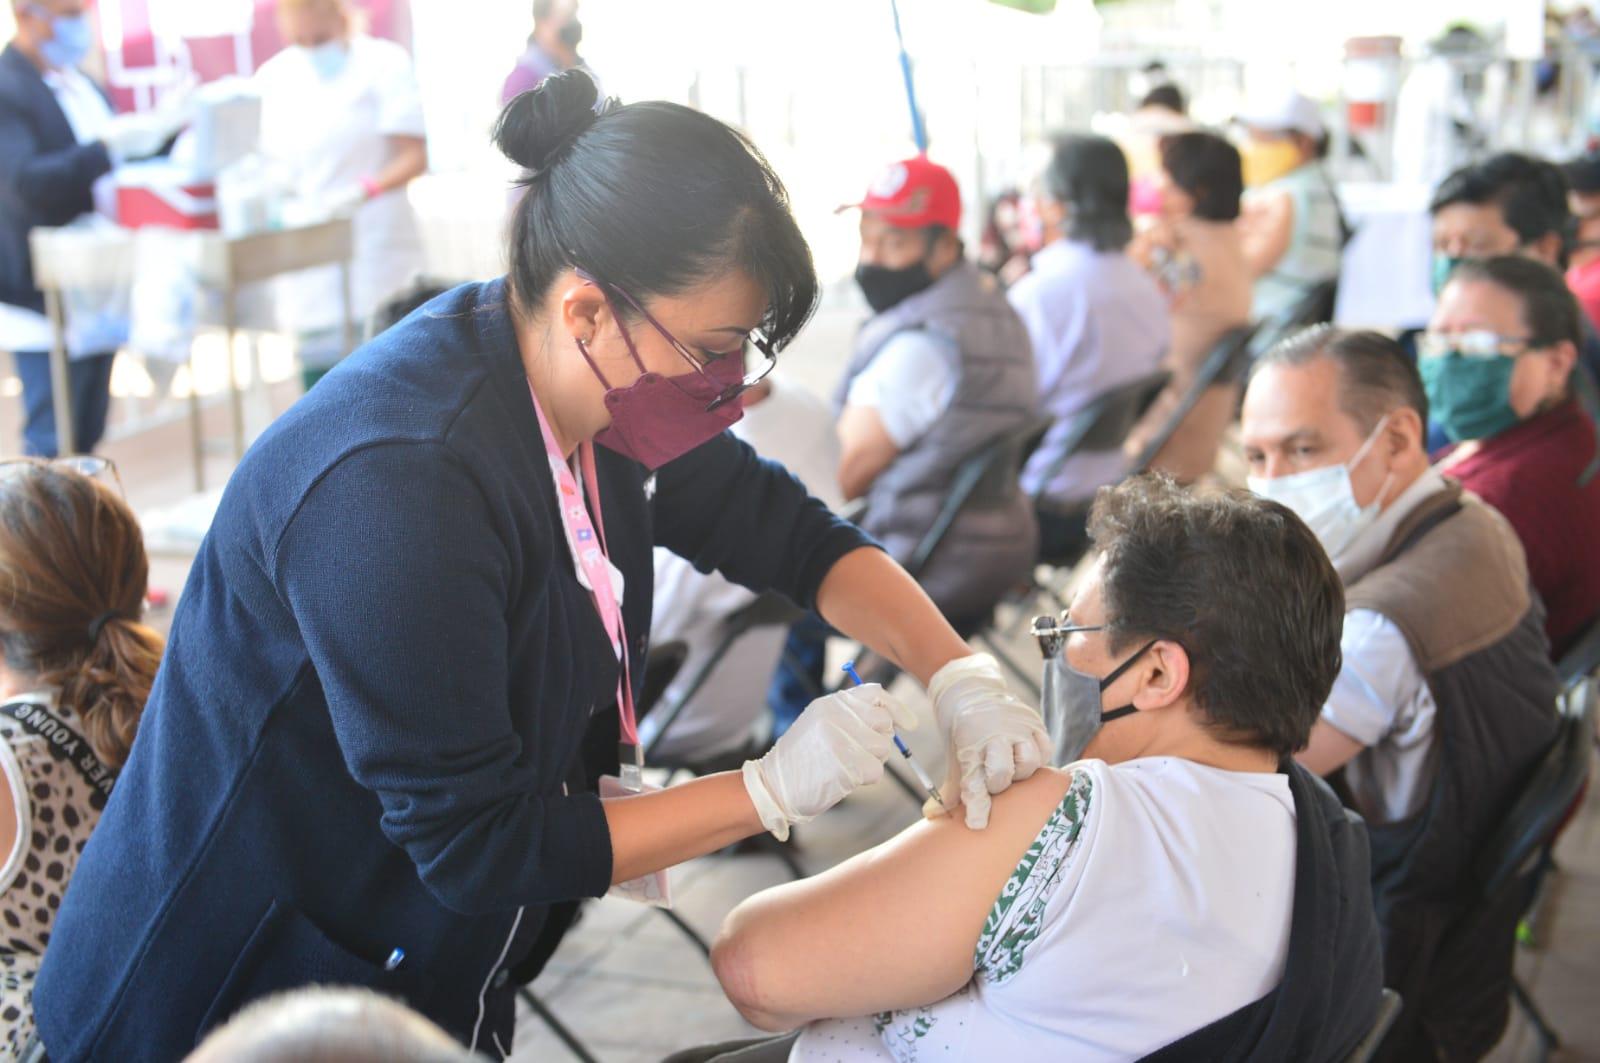 El gobernador del Estado de México, Alfredo Del Mazo Maza, informó que en los próximos días llegarán al estado más de un millón de vacunas contra COVID-19